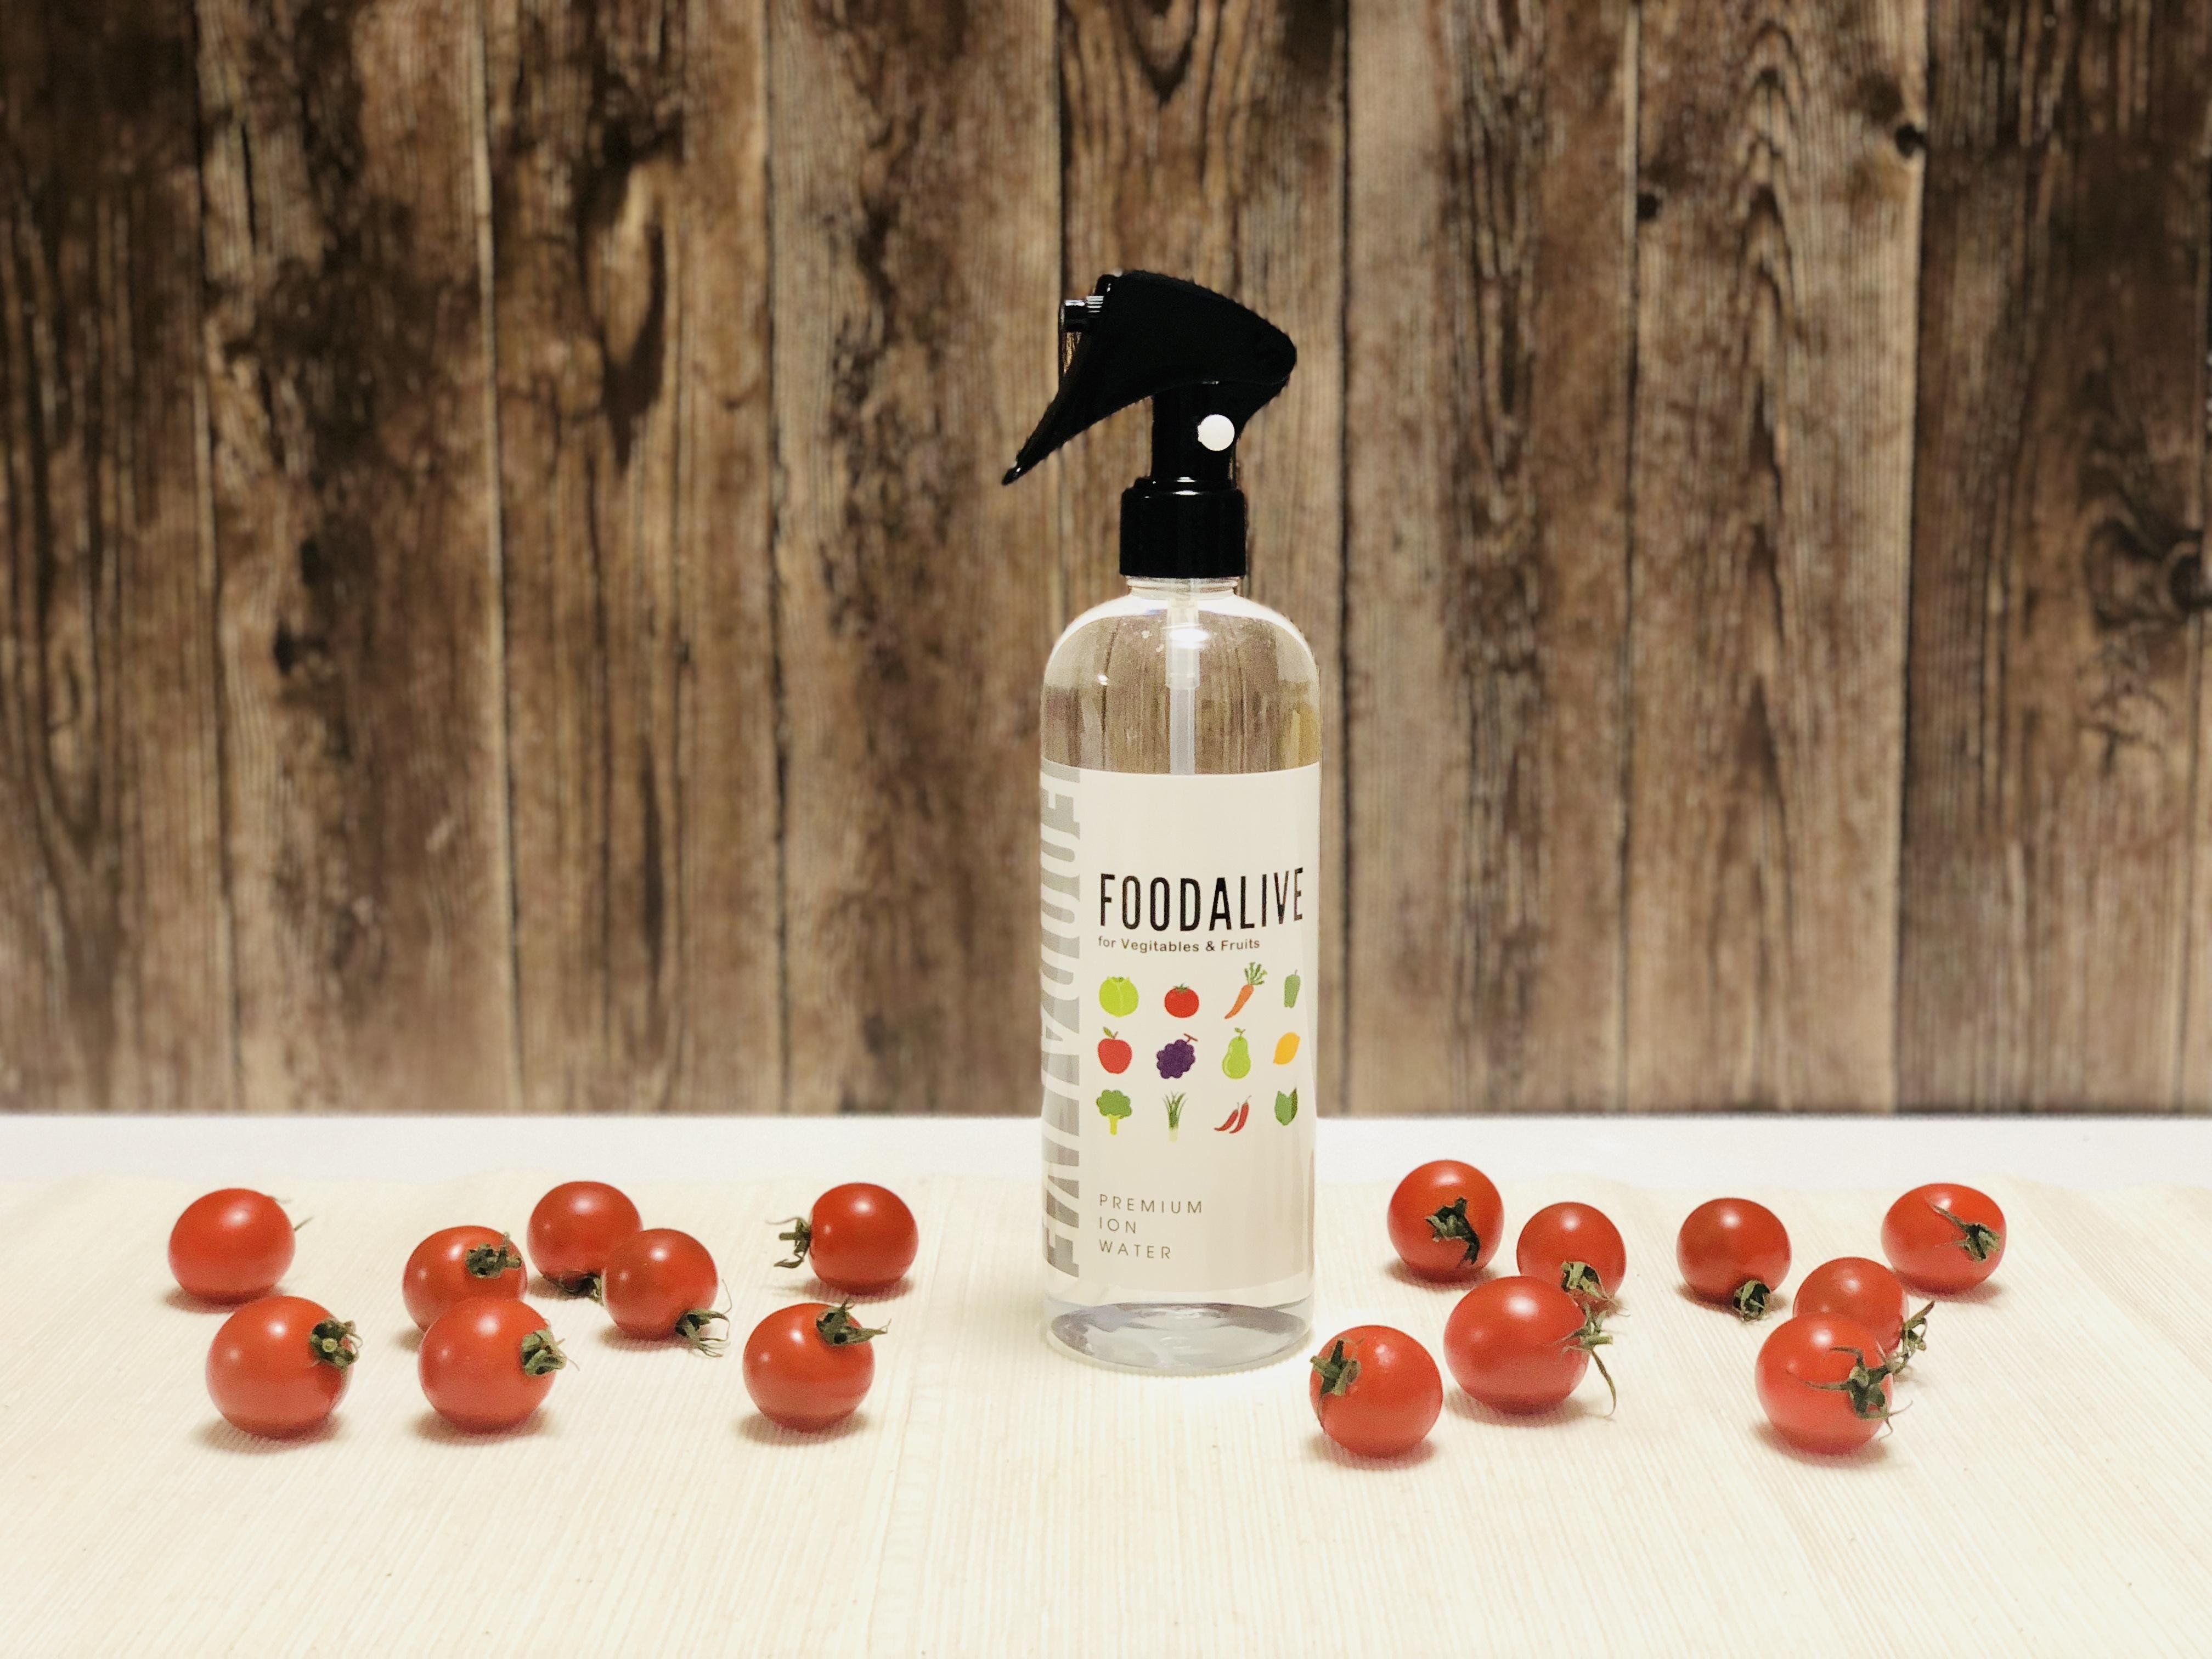 FOODALIVE For Vegetables & Fruits